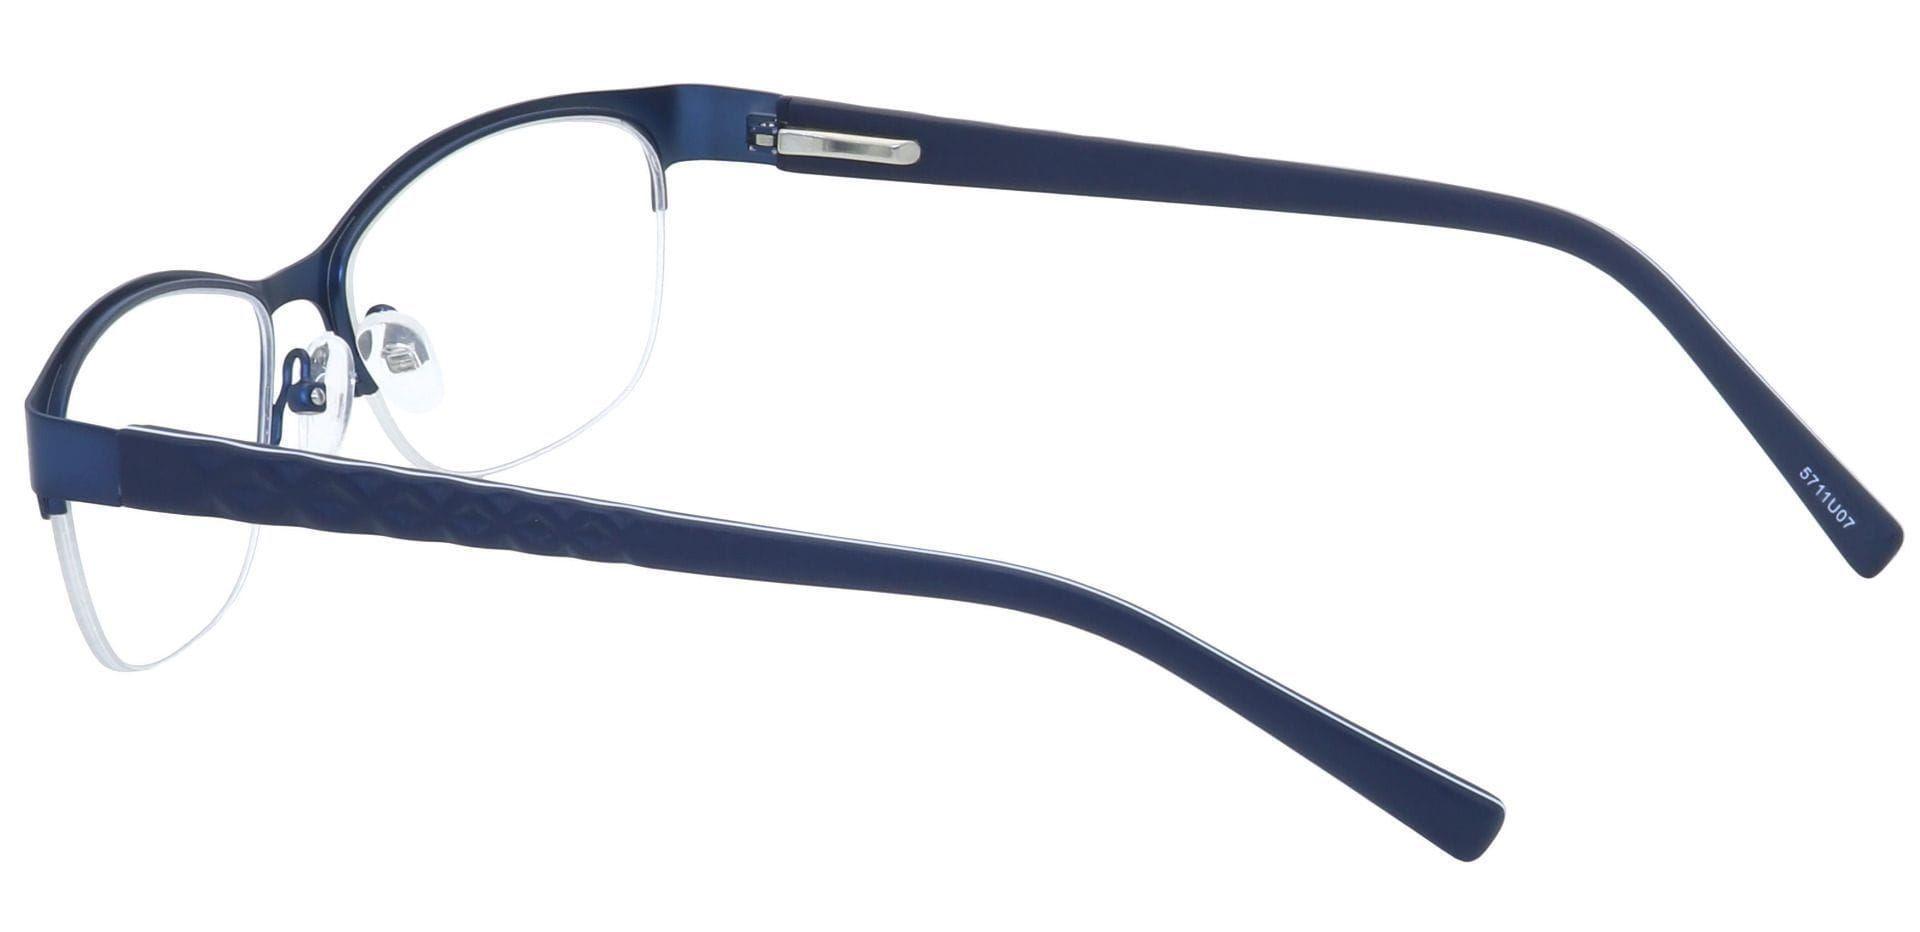 Nova Round Prescription Glasses - Blue